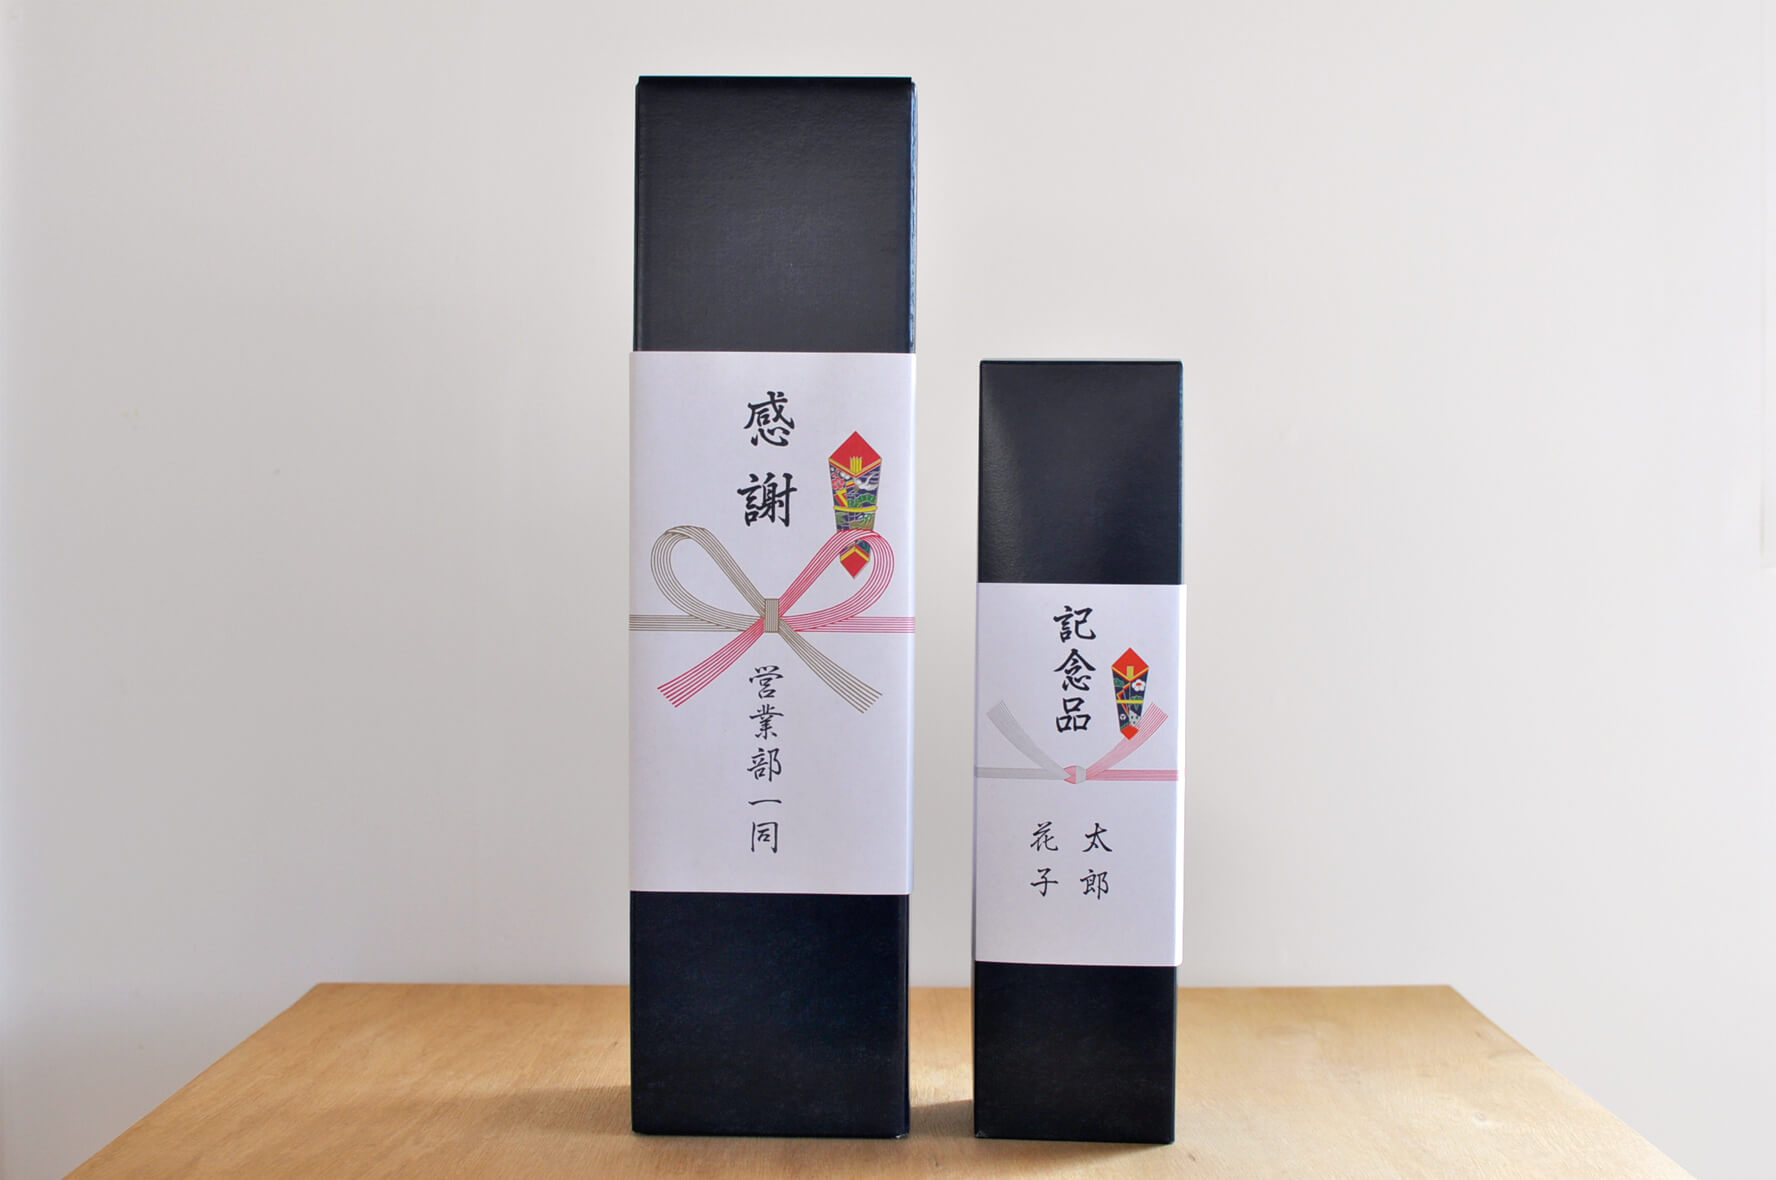 日本酒オヤジナカセののしの見本